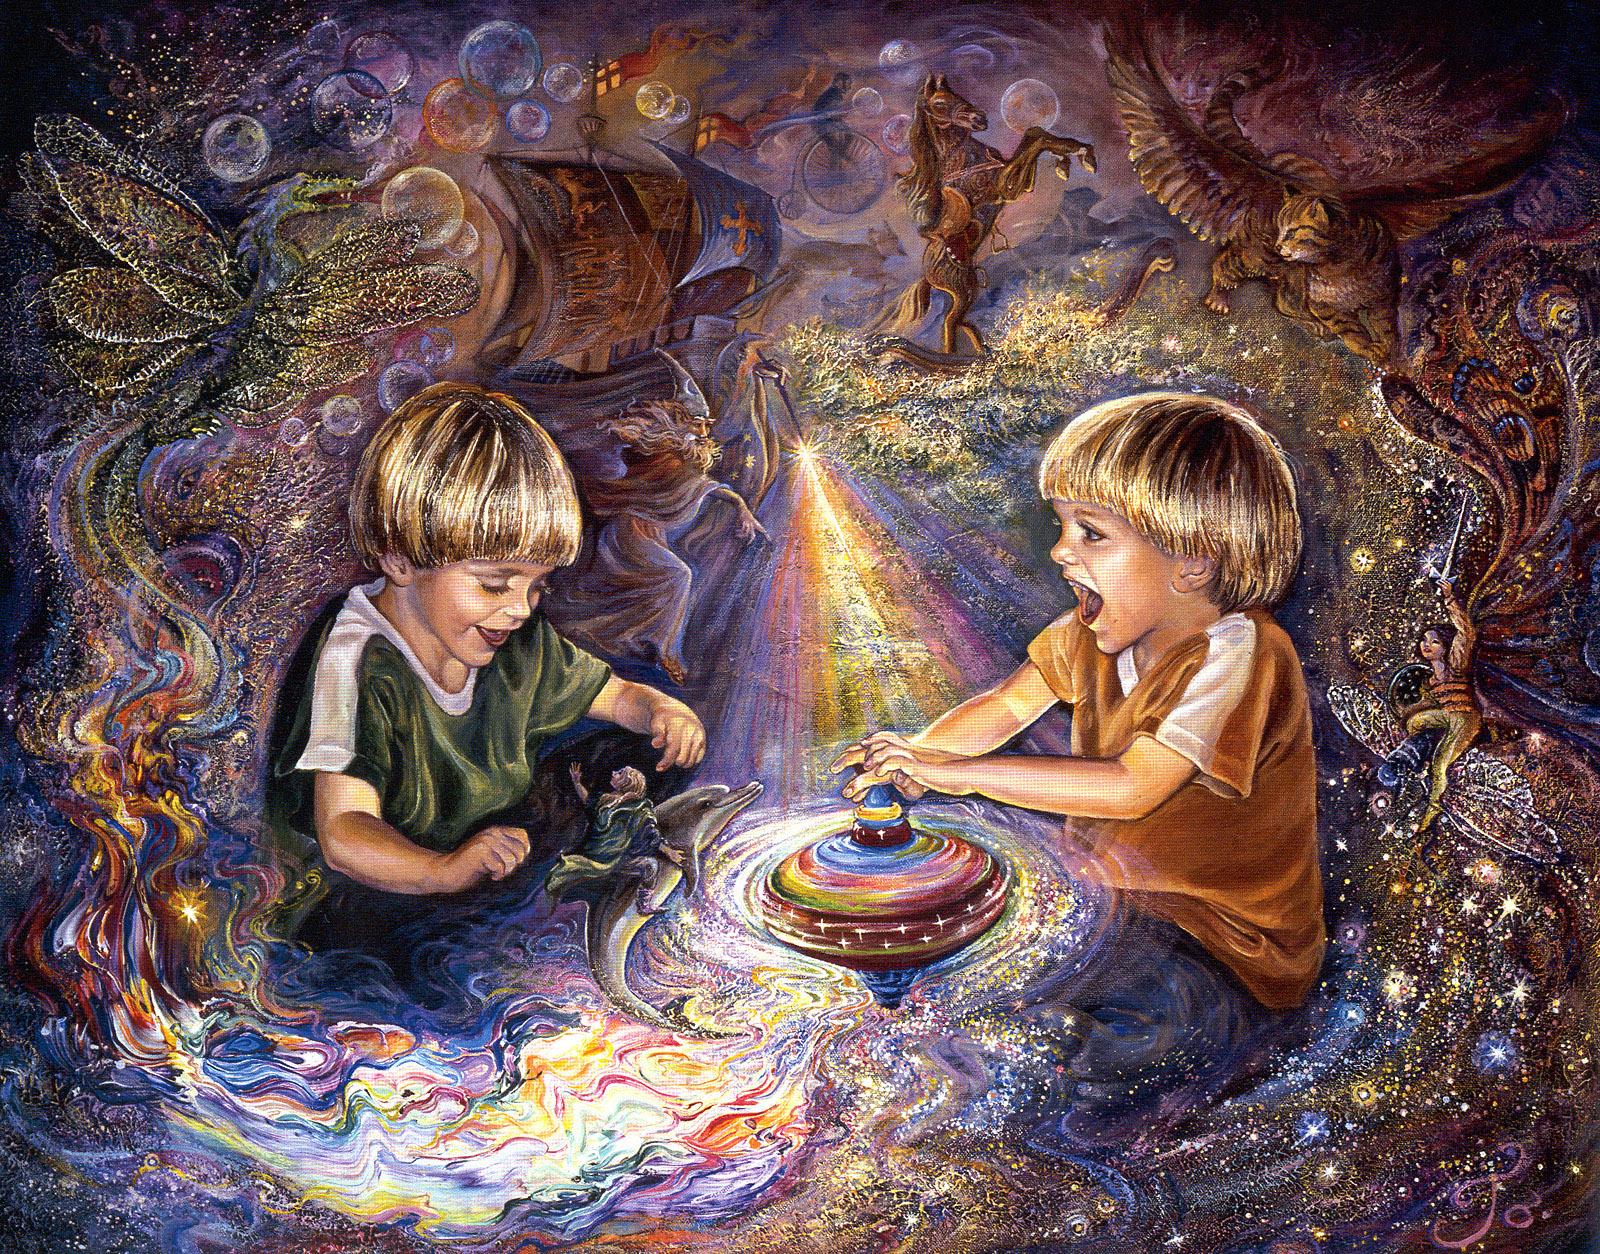 Два малыша играют и фантазируют